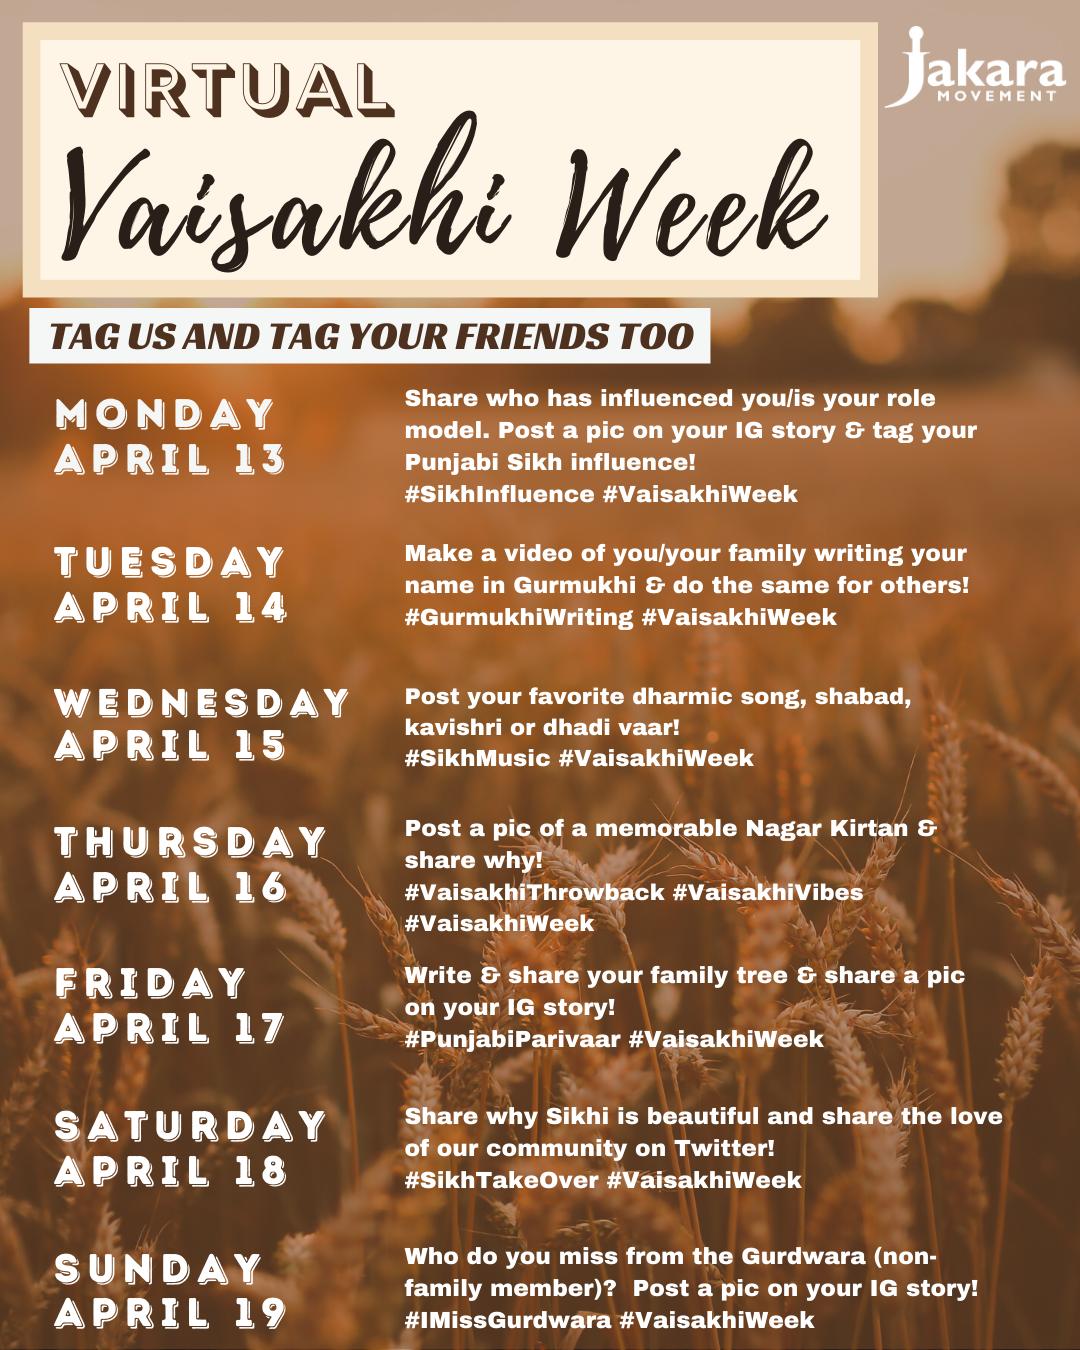 Virtual_Vaisakhi_Week_2020.png